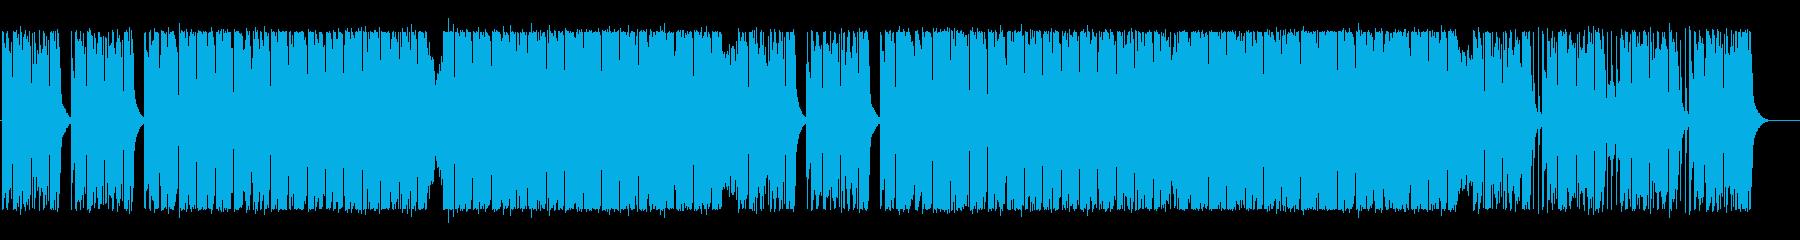 エネルギー溢れるテクノBGMの再生済みの波形